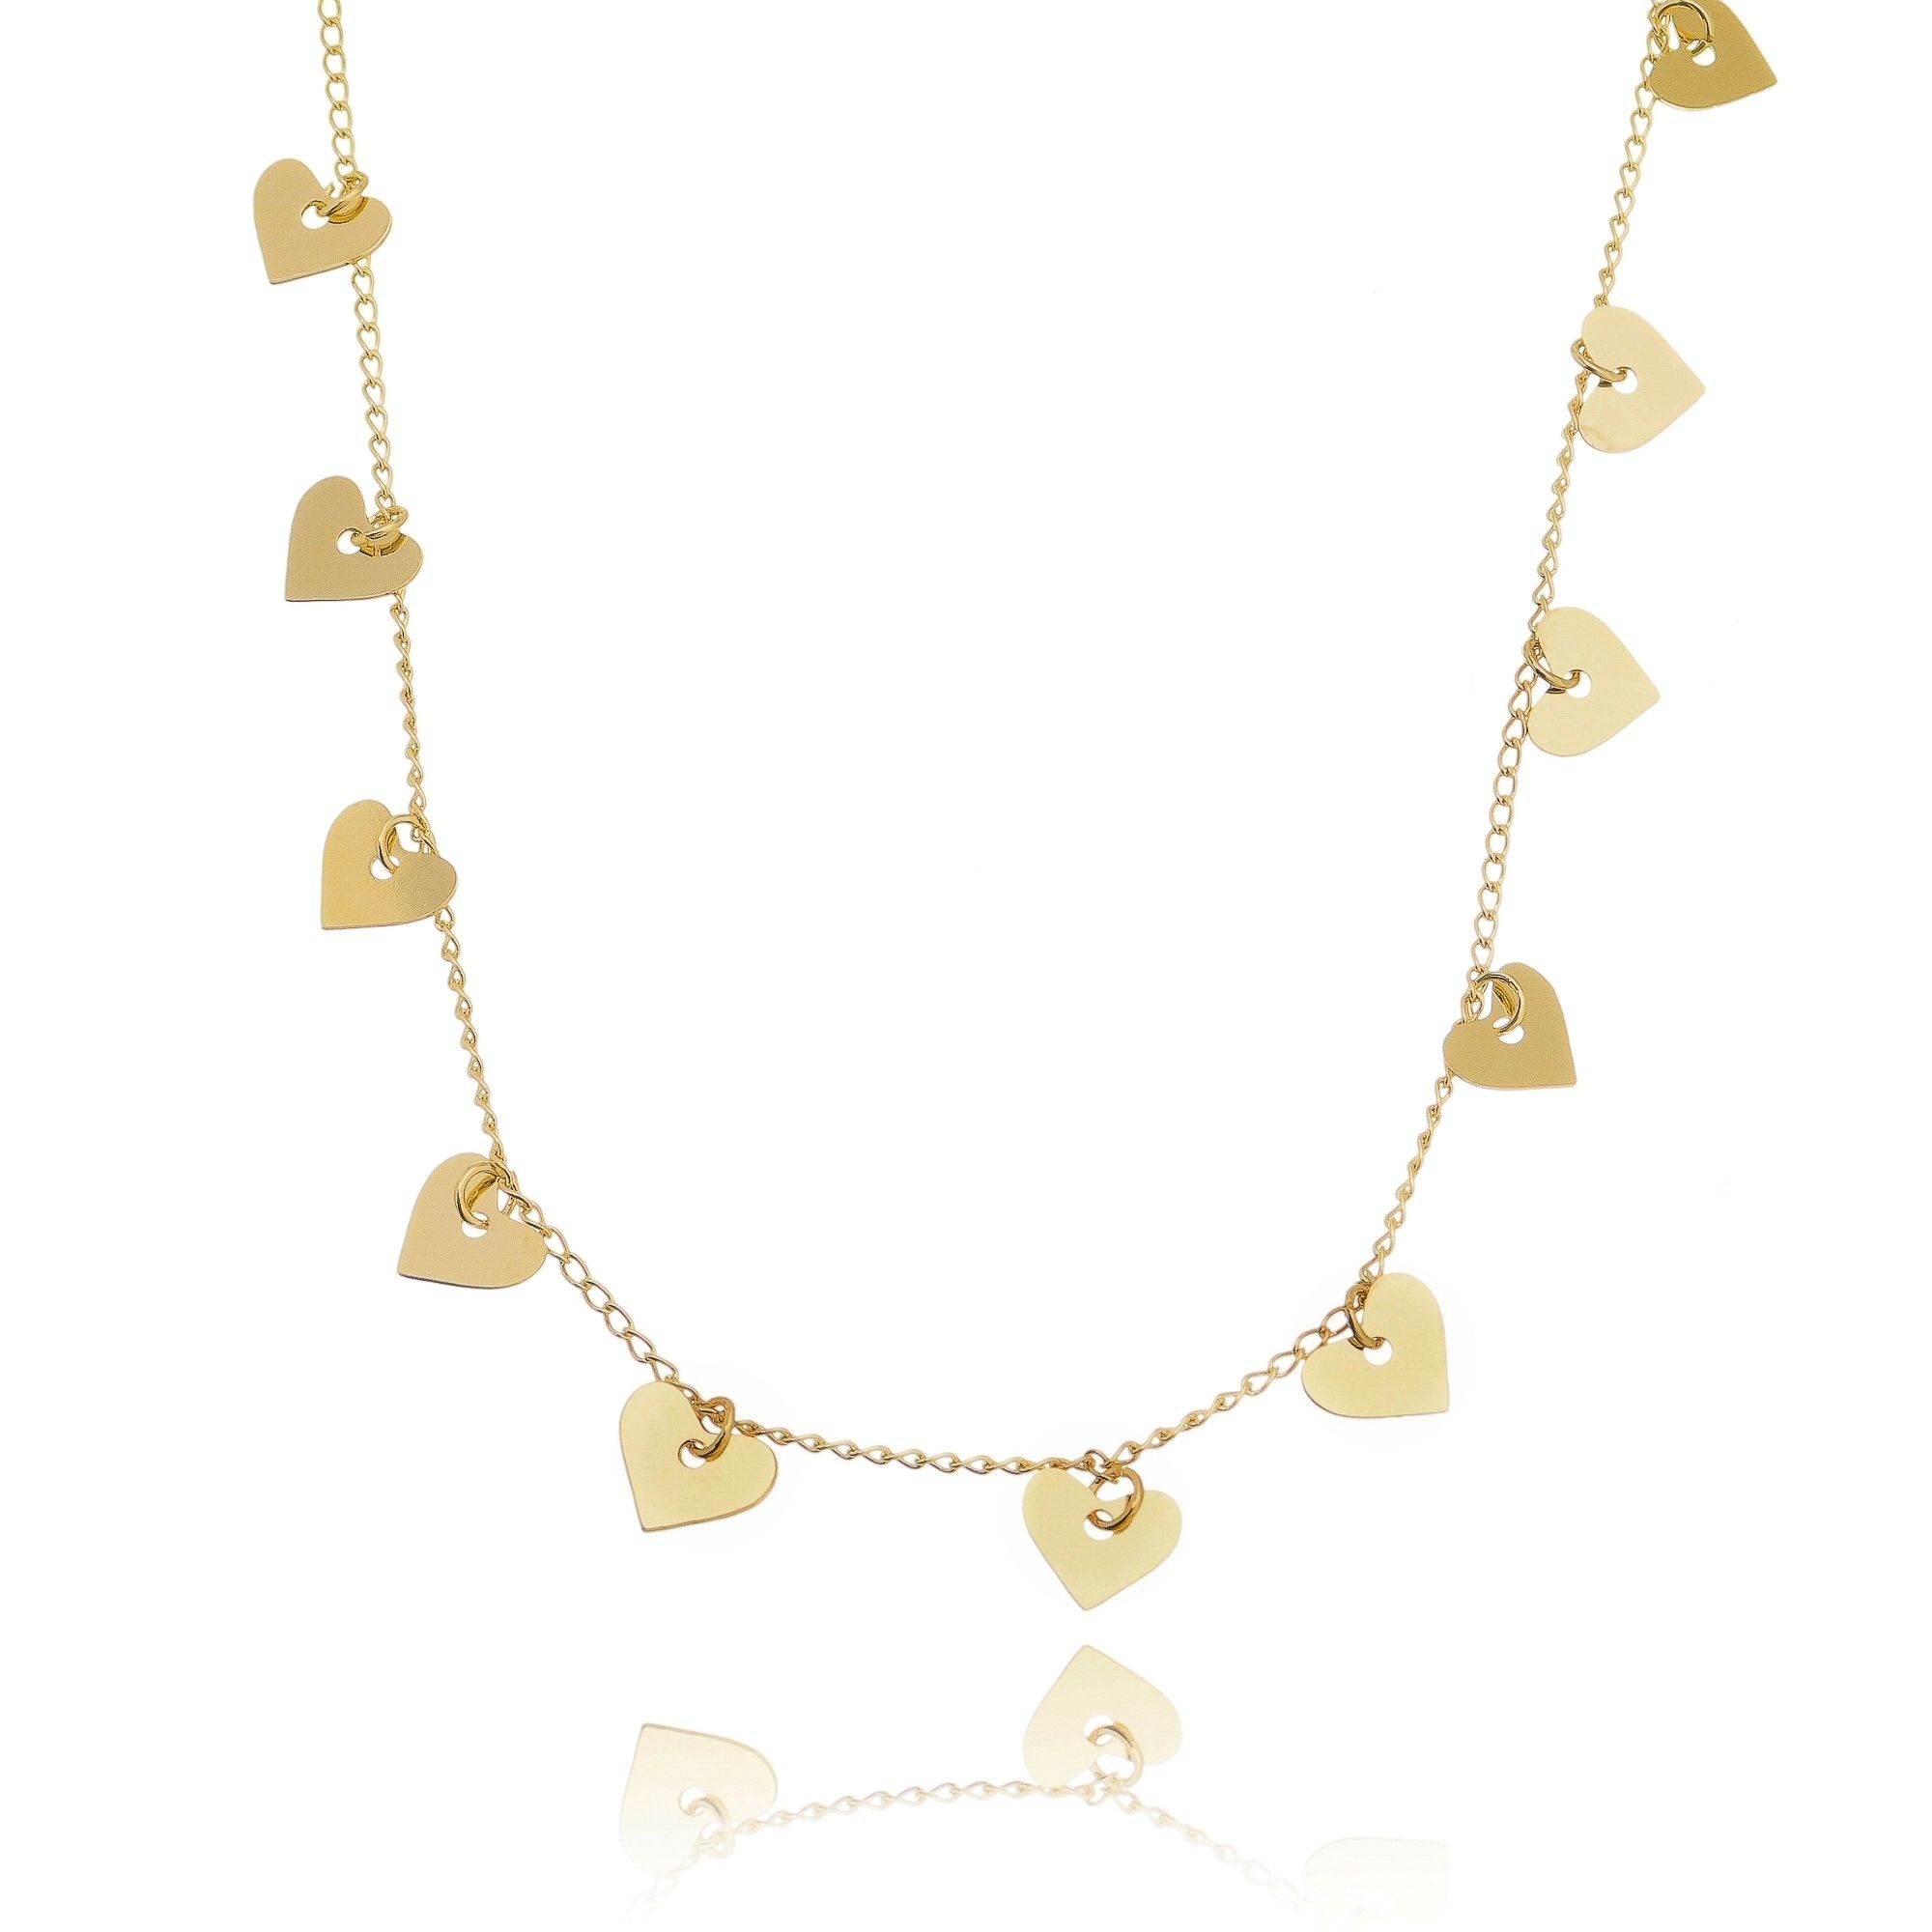 Colar Medalhas Coração Dourado Semijoia da Moda em Ouro 18K  - Soloyou